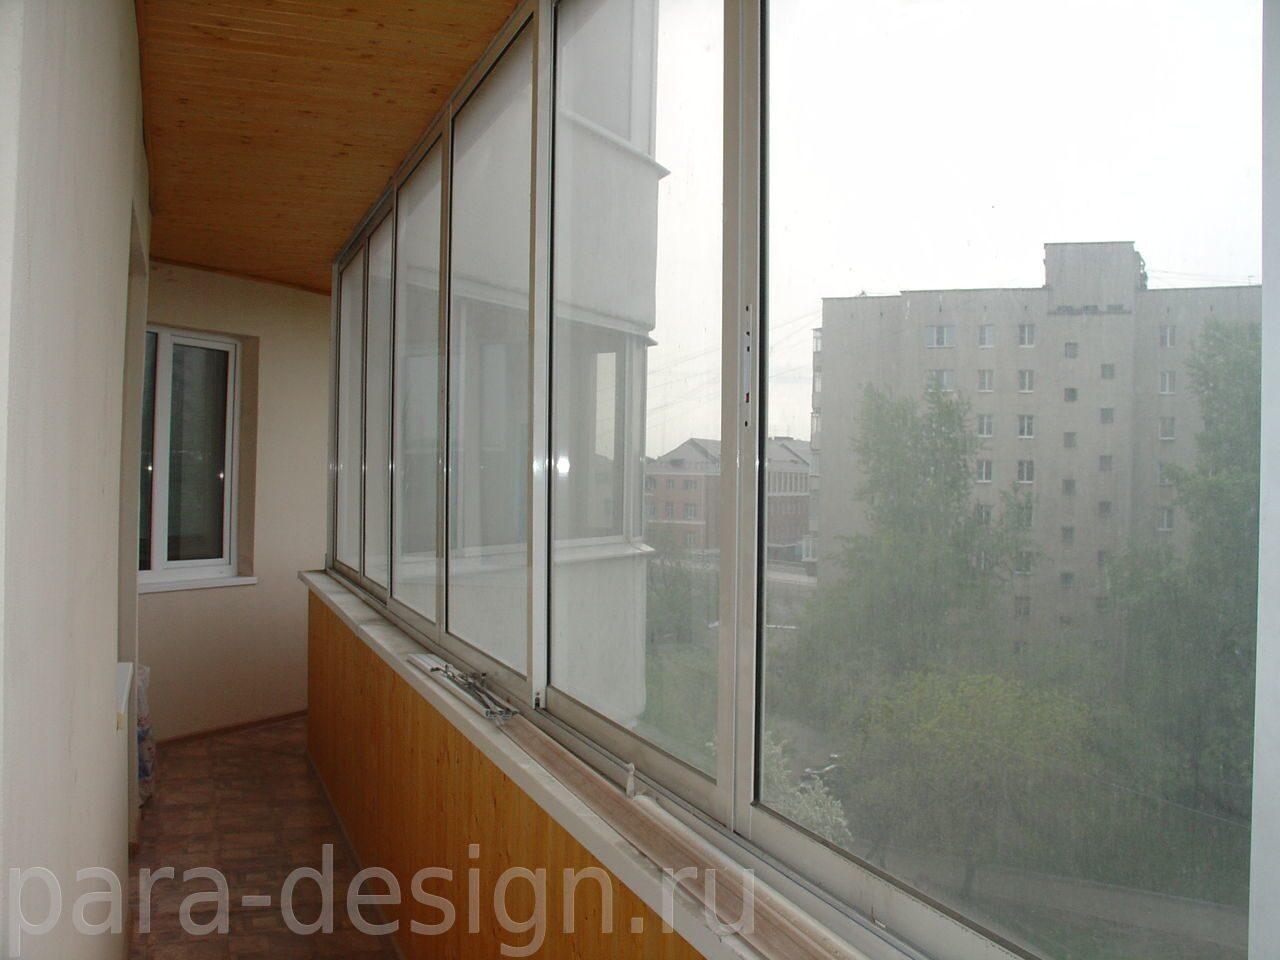 Балкон под ключ с остеклением и отделкой в екатеринбурге, ре.